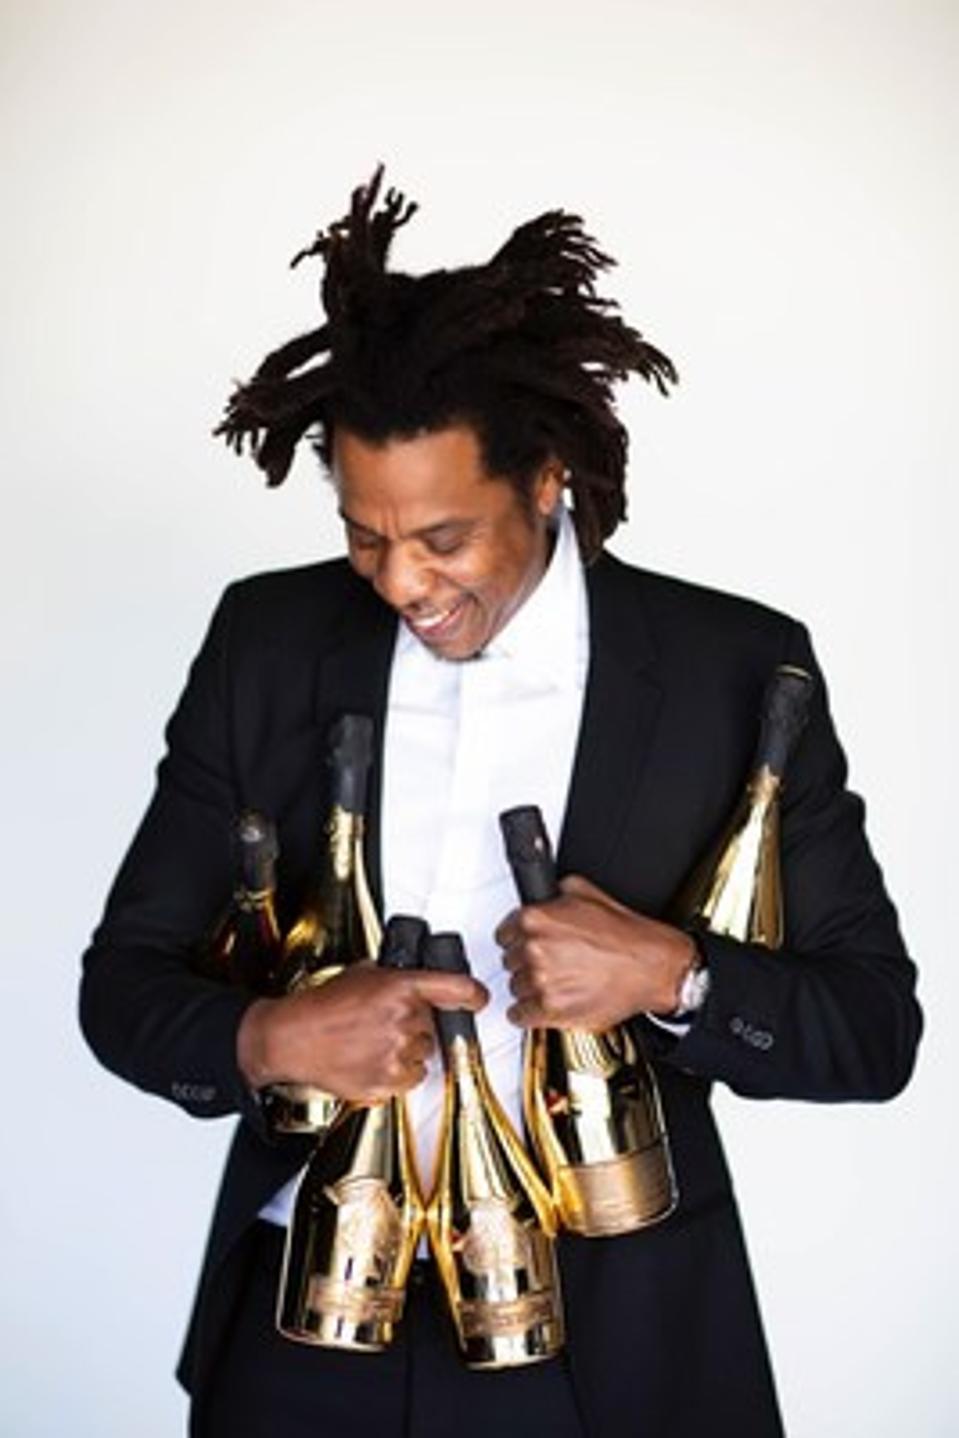 Jay-Z holds Ace of Spades bottles.